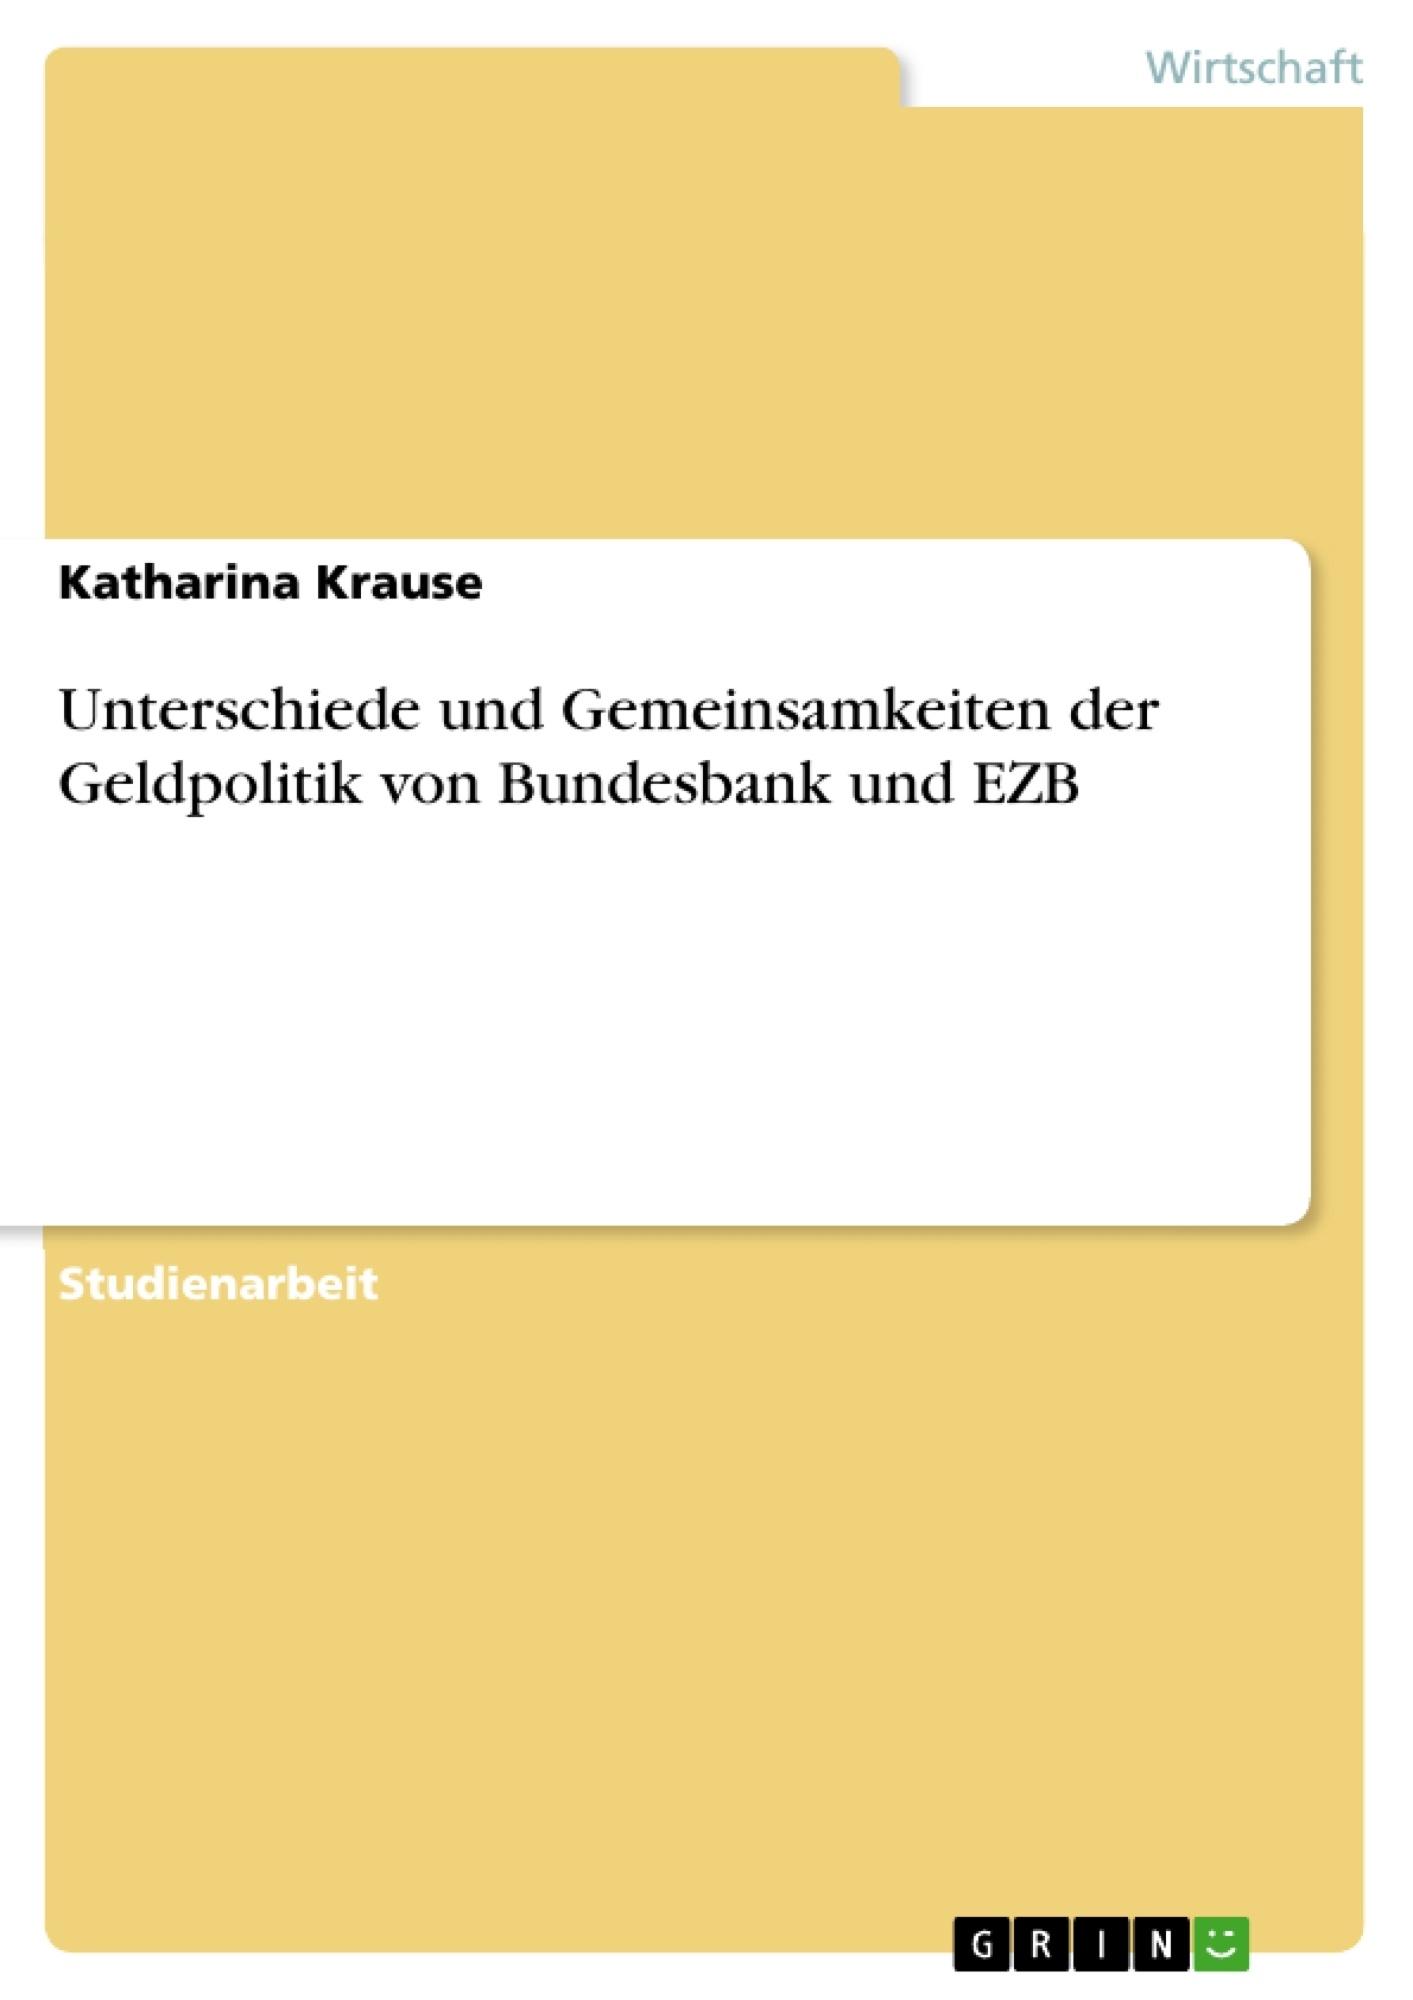 Titel: Unterschiede und Gemeinsamkeiten der Geldpolitik von Bundesbank und EZB